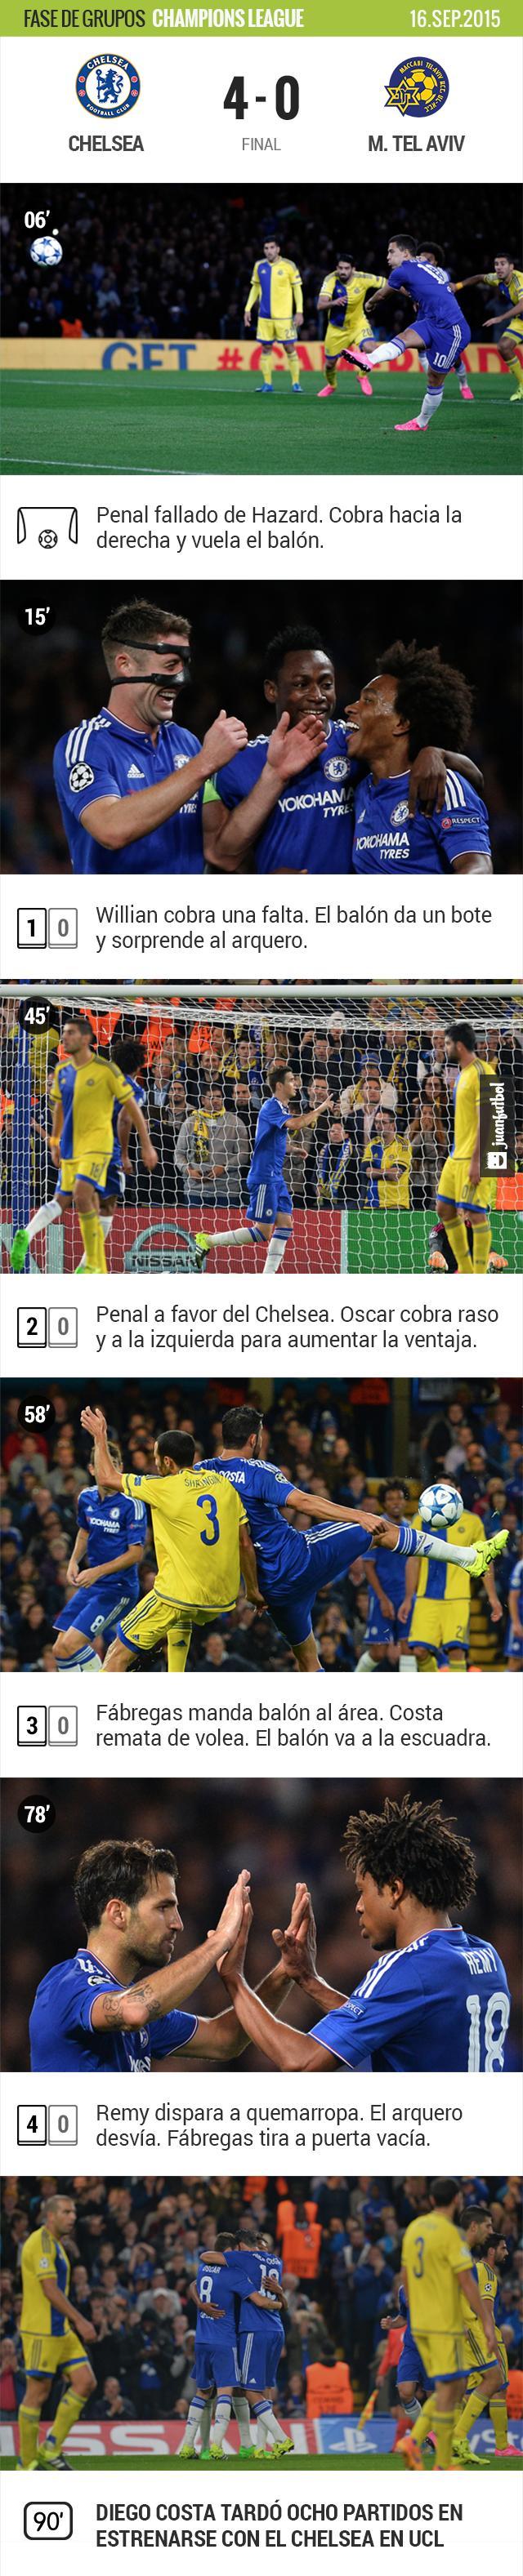 Chelsea fue amo y señor del partido.